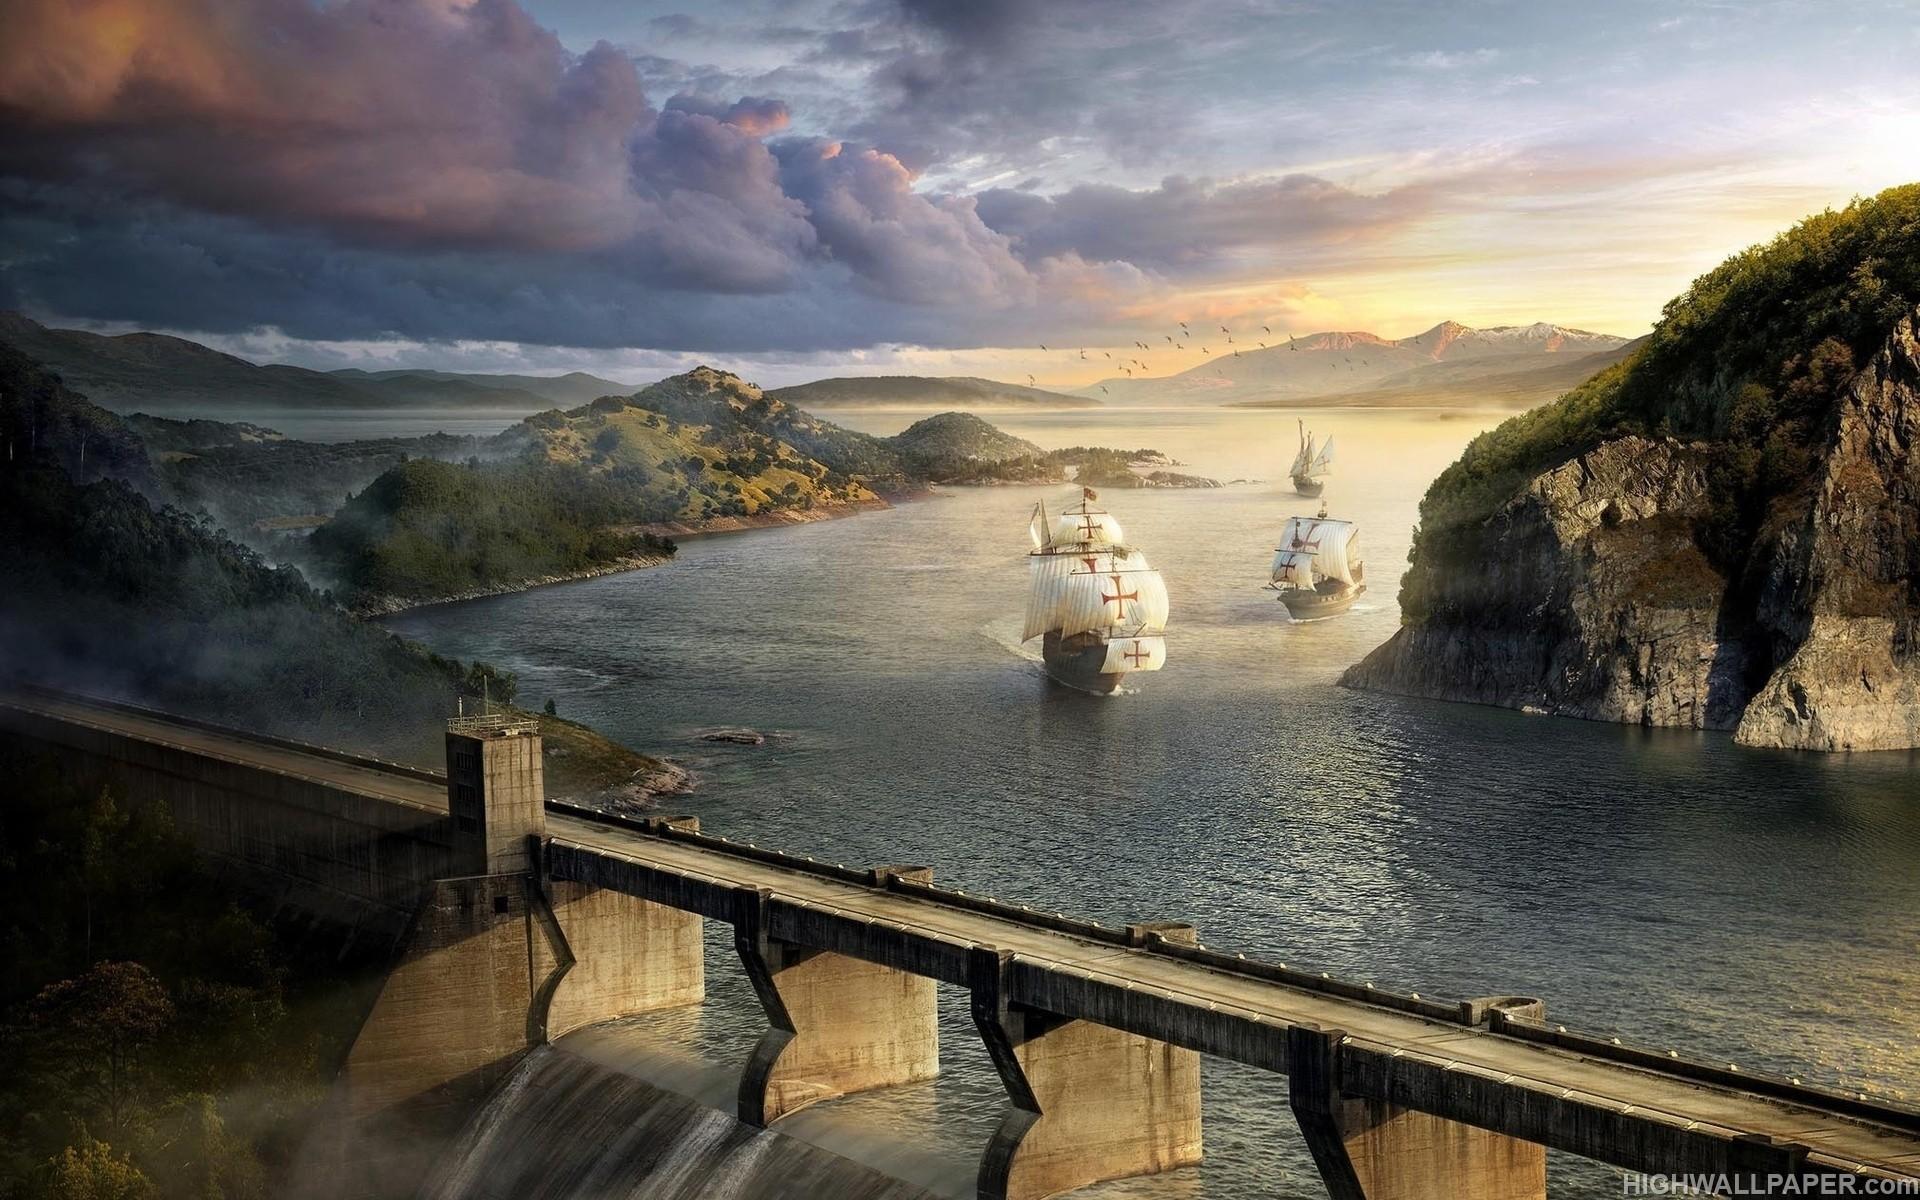 Sea and Bridge Fantasy